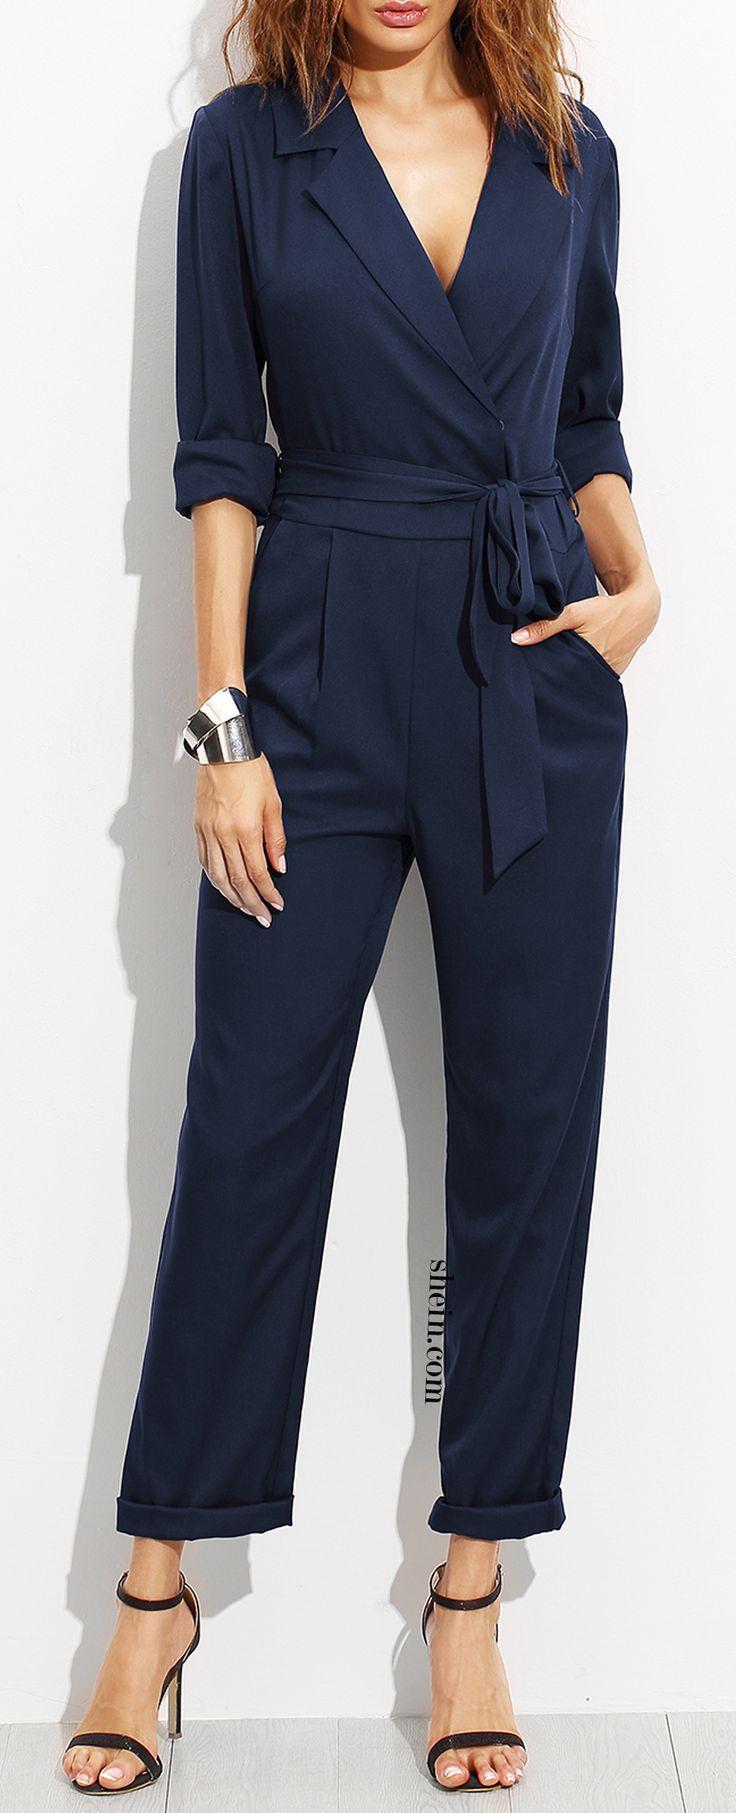 Navy Surplice Self Tie Tux Jumpsuit